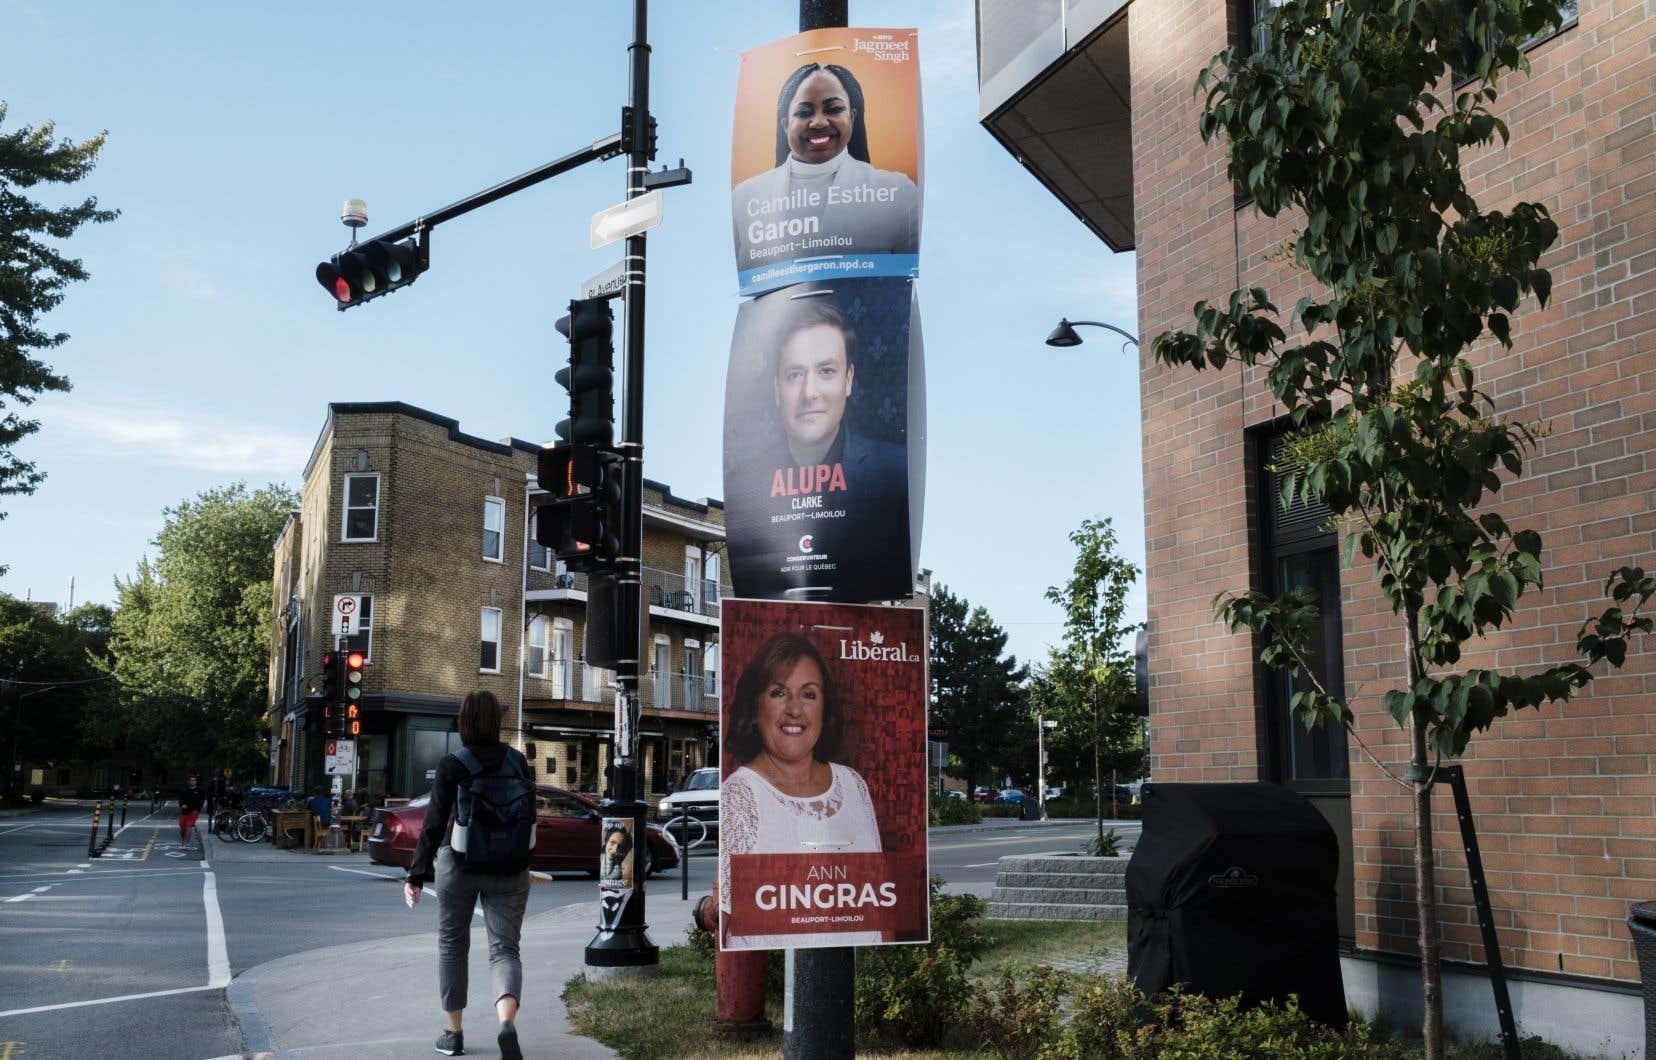 Beauport-Limoilou a été de toutes les vagues ces dernières années. Le parti de Justin Trudeau croit pouvoir y faire un gain cette fois.